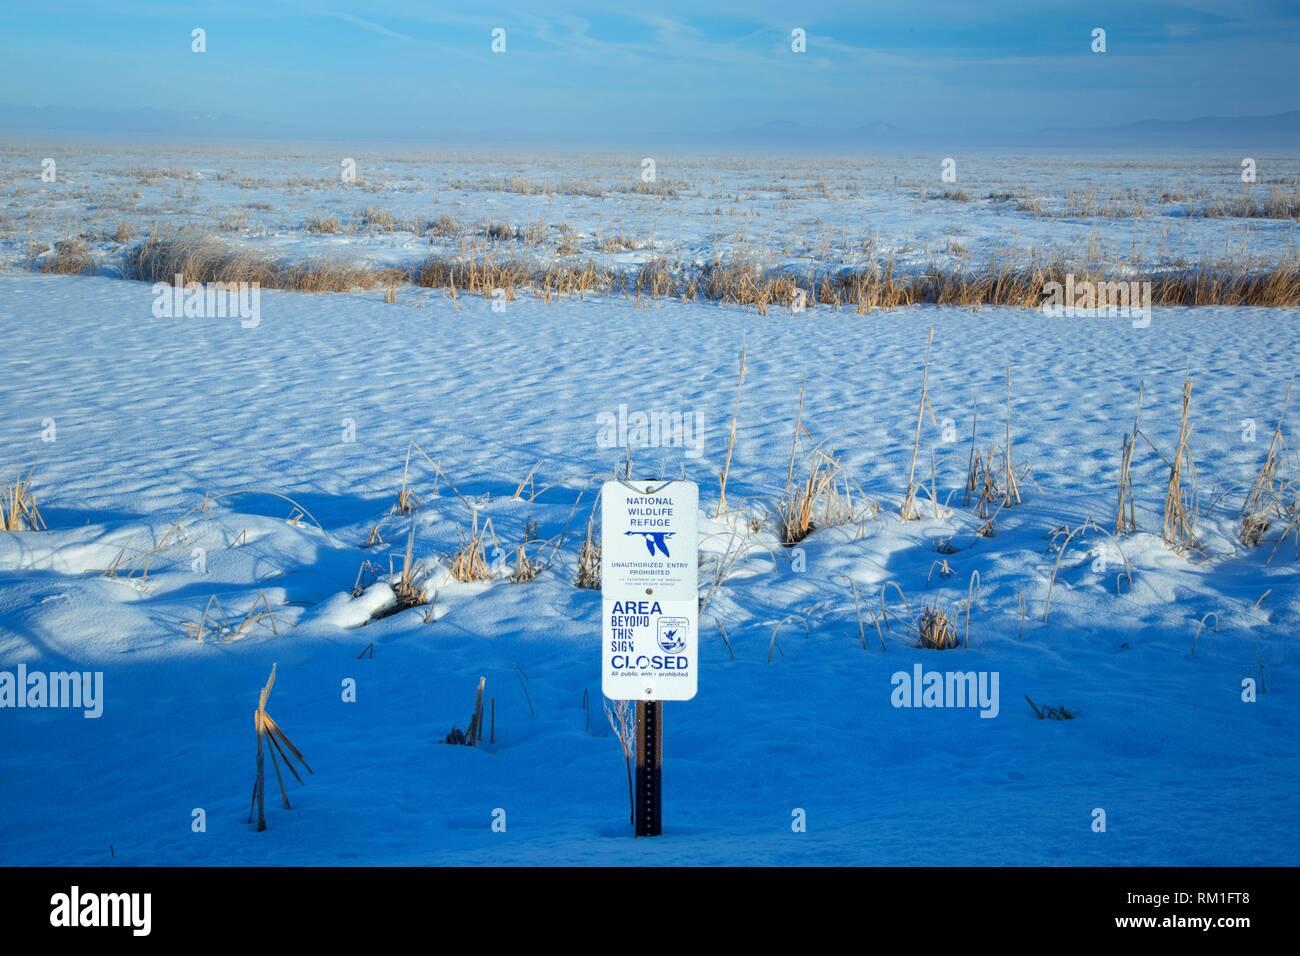 Klamath Marsh in winter with closure sign, Klamath Marsh National Wildlife Refuge, Oregon. - Stock Image